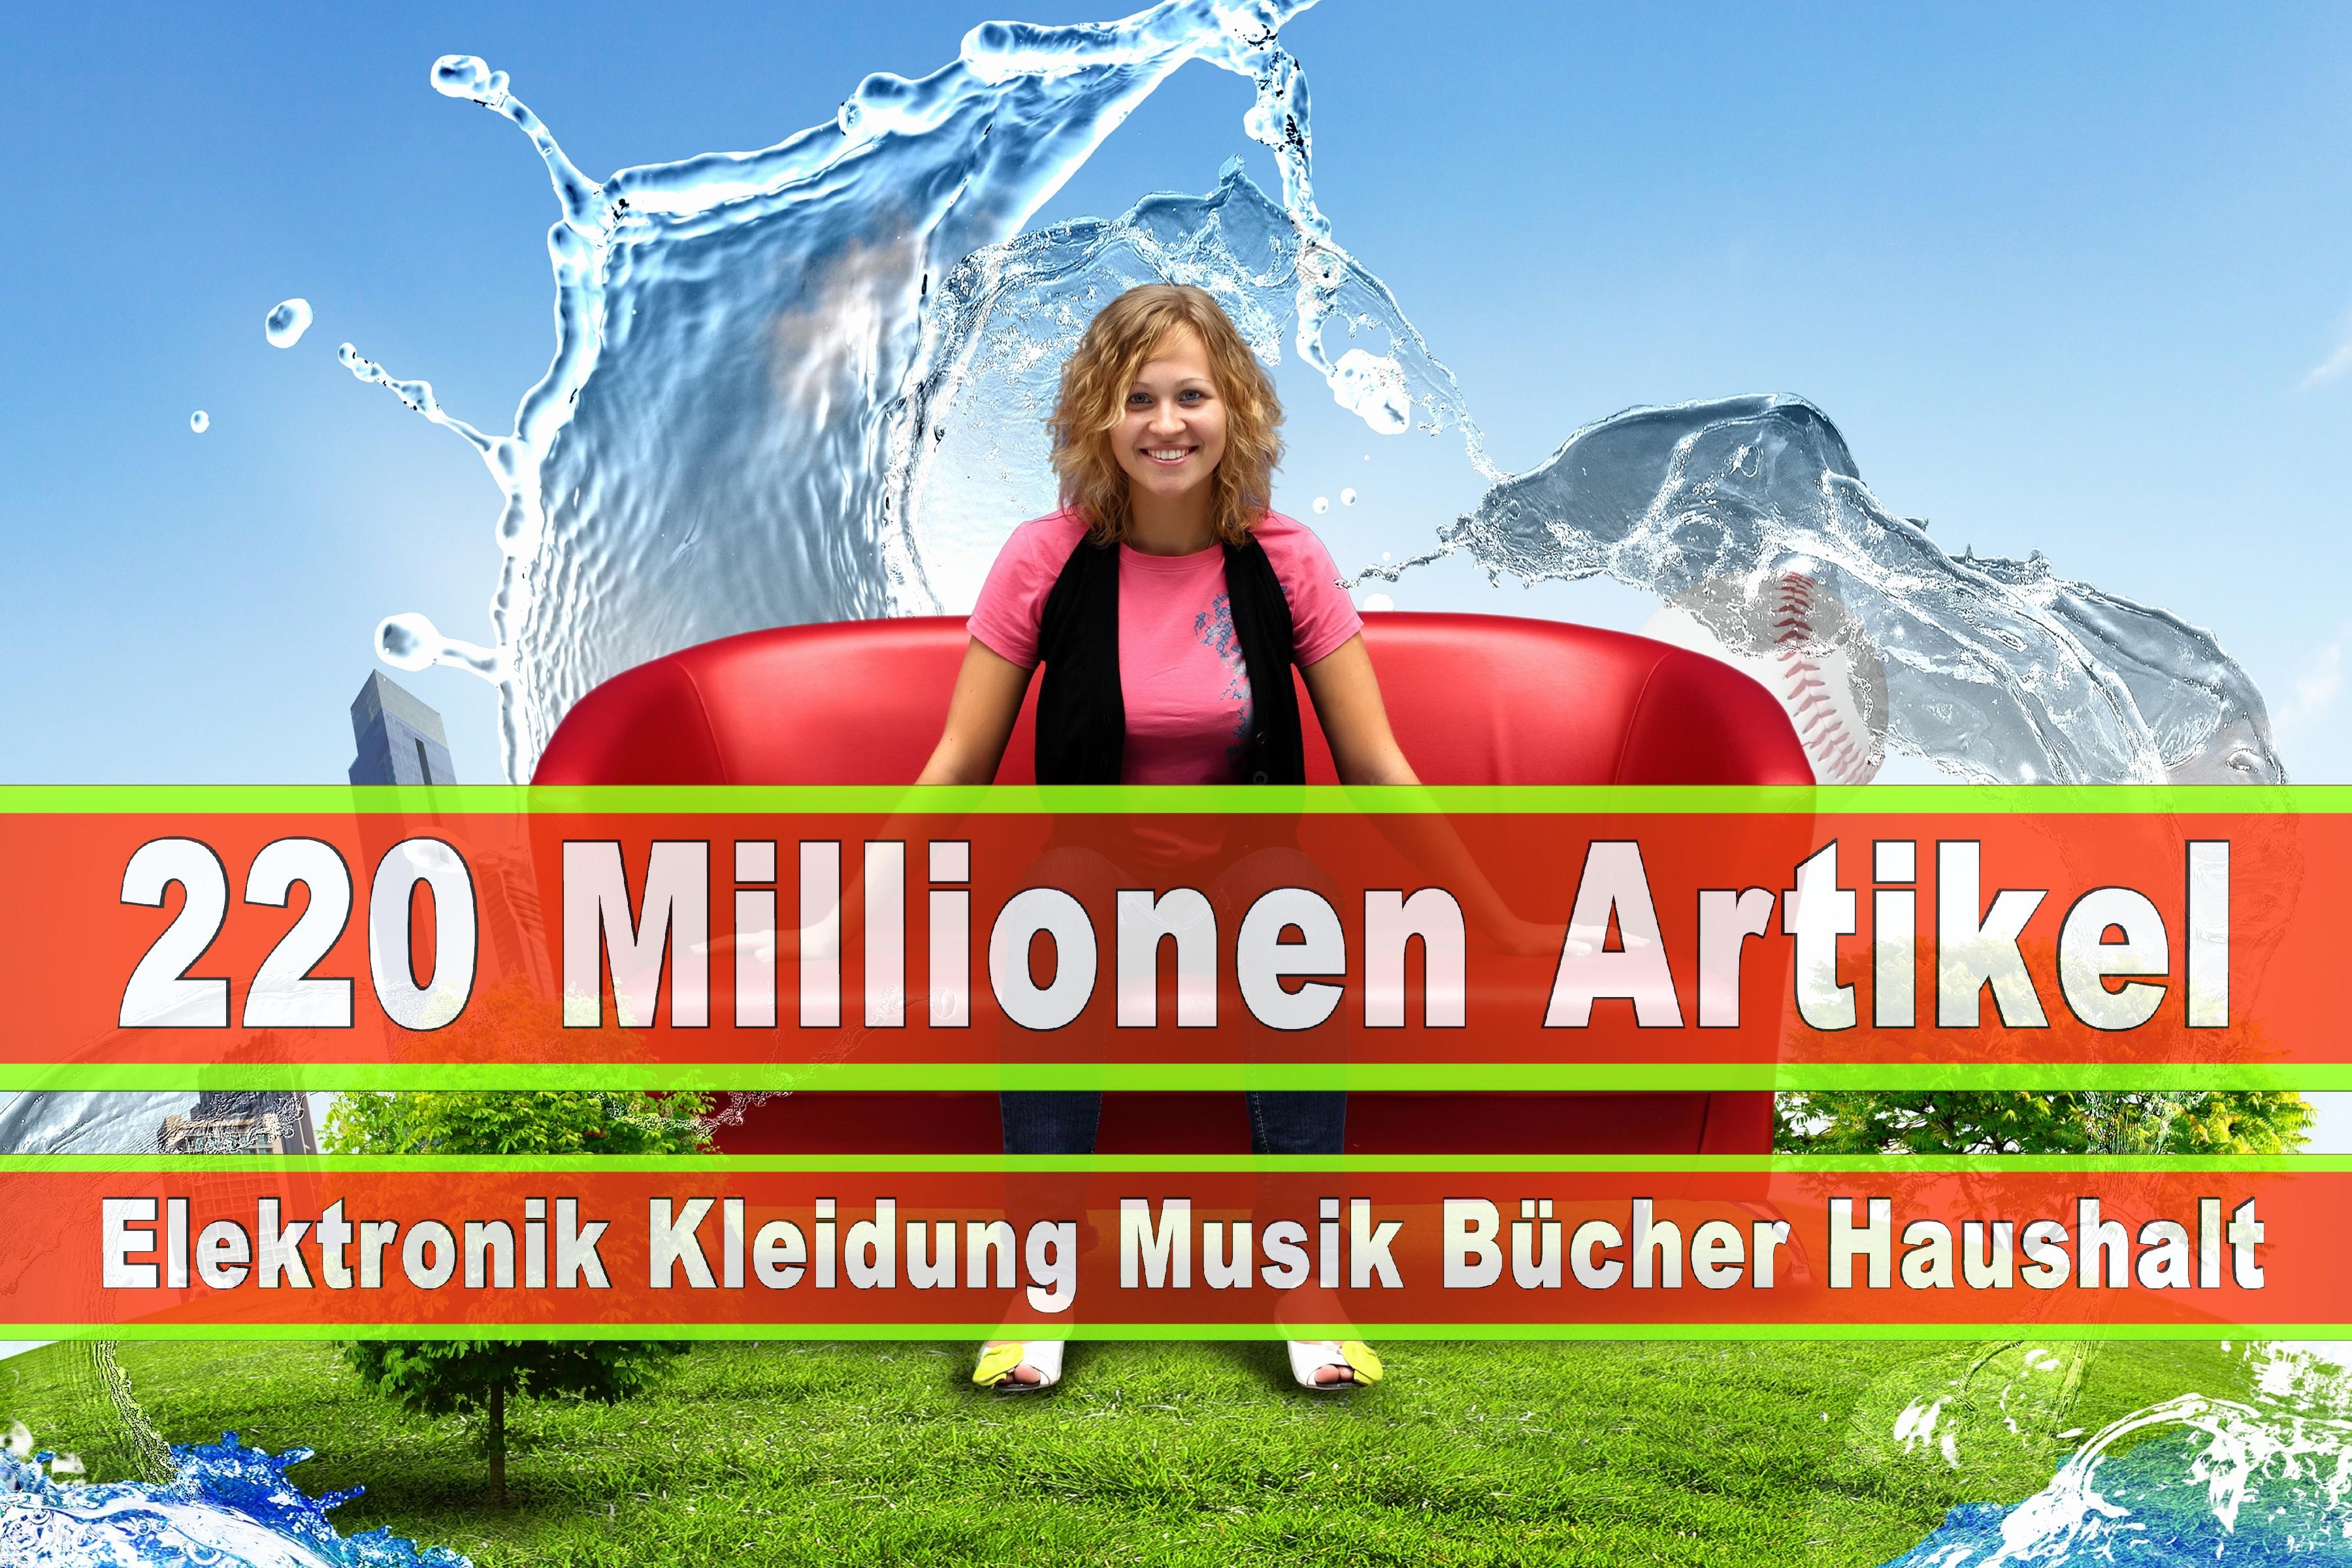 Amazon Elektronik Musik Haushalt Bücher CD DVD Handys Smartphones TV Television Fernseher Kleidung Mode Ebay Versandhaus (2)